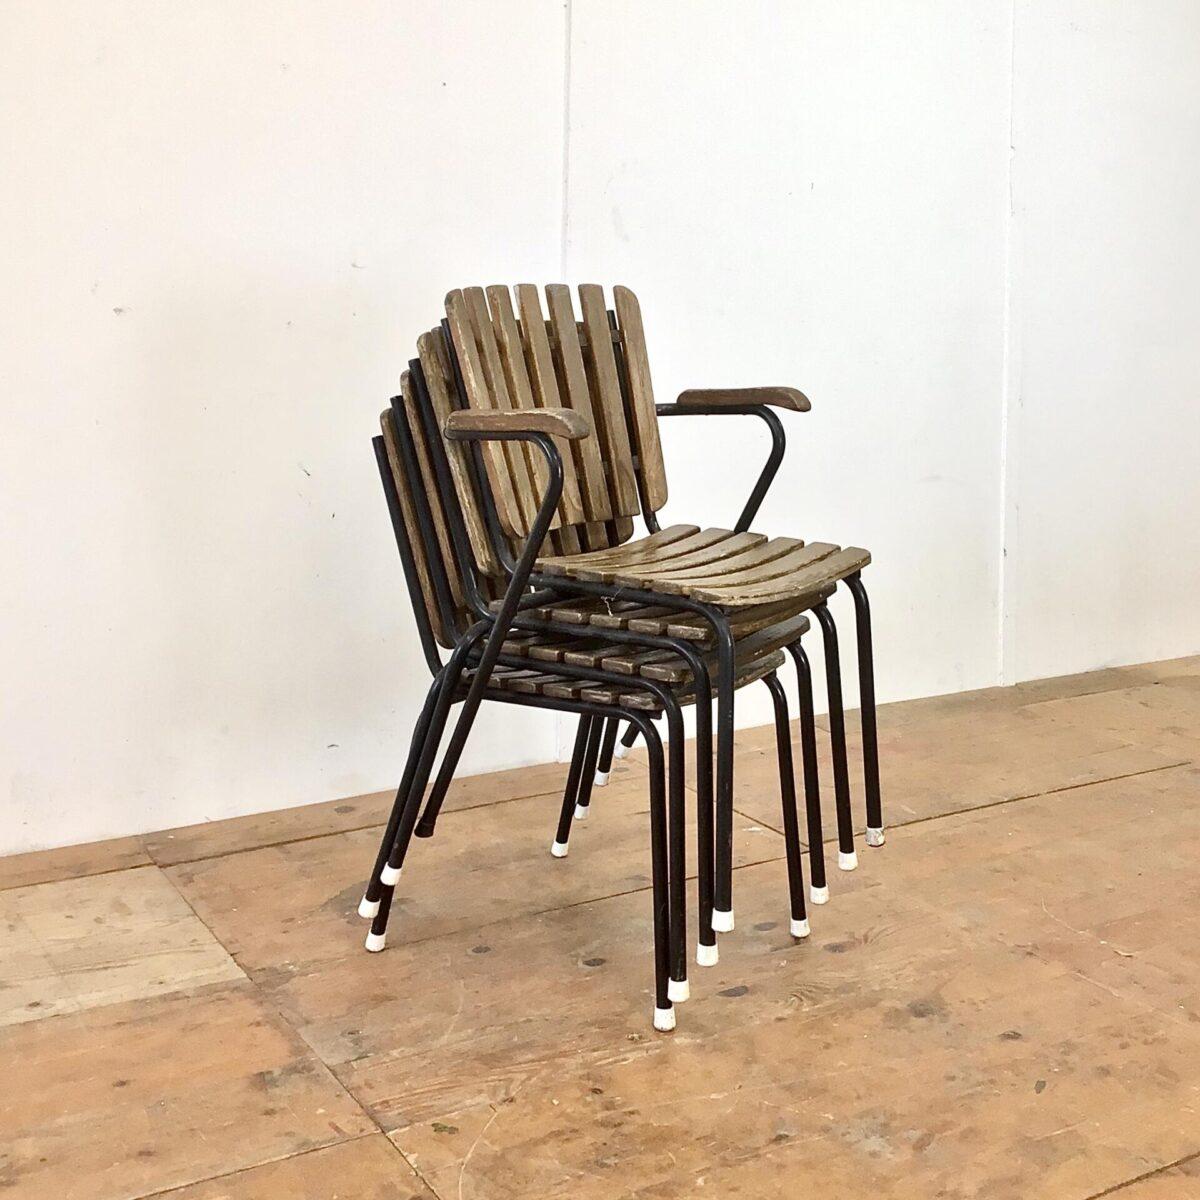 Vintage Gartenstühle stapelbar mit Holzlatten. Einer mit Armlehnen und drei ohne. Hersteller nicht ersichtlich, Bks Denmark hat Gartenstühle in ähnlichem Stil produziert. Die Holzlatten wurden mal etwas gebeizt, hätte man auch schöner machen können. Aber insgesamt in gesundem Vintage Zustand.